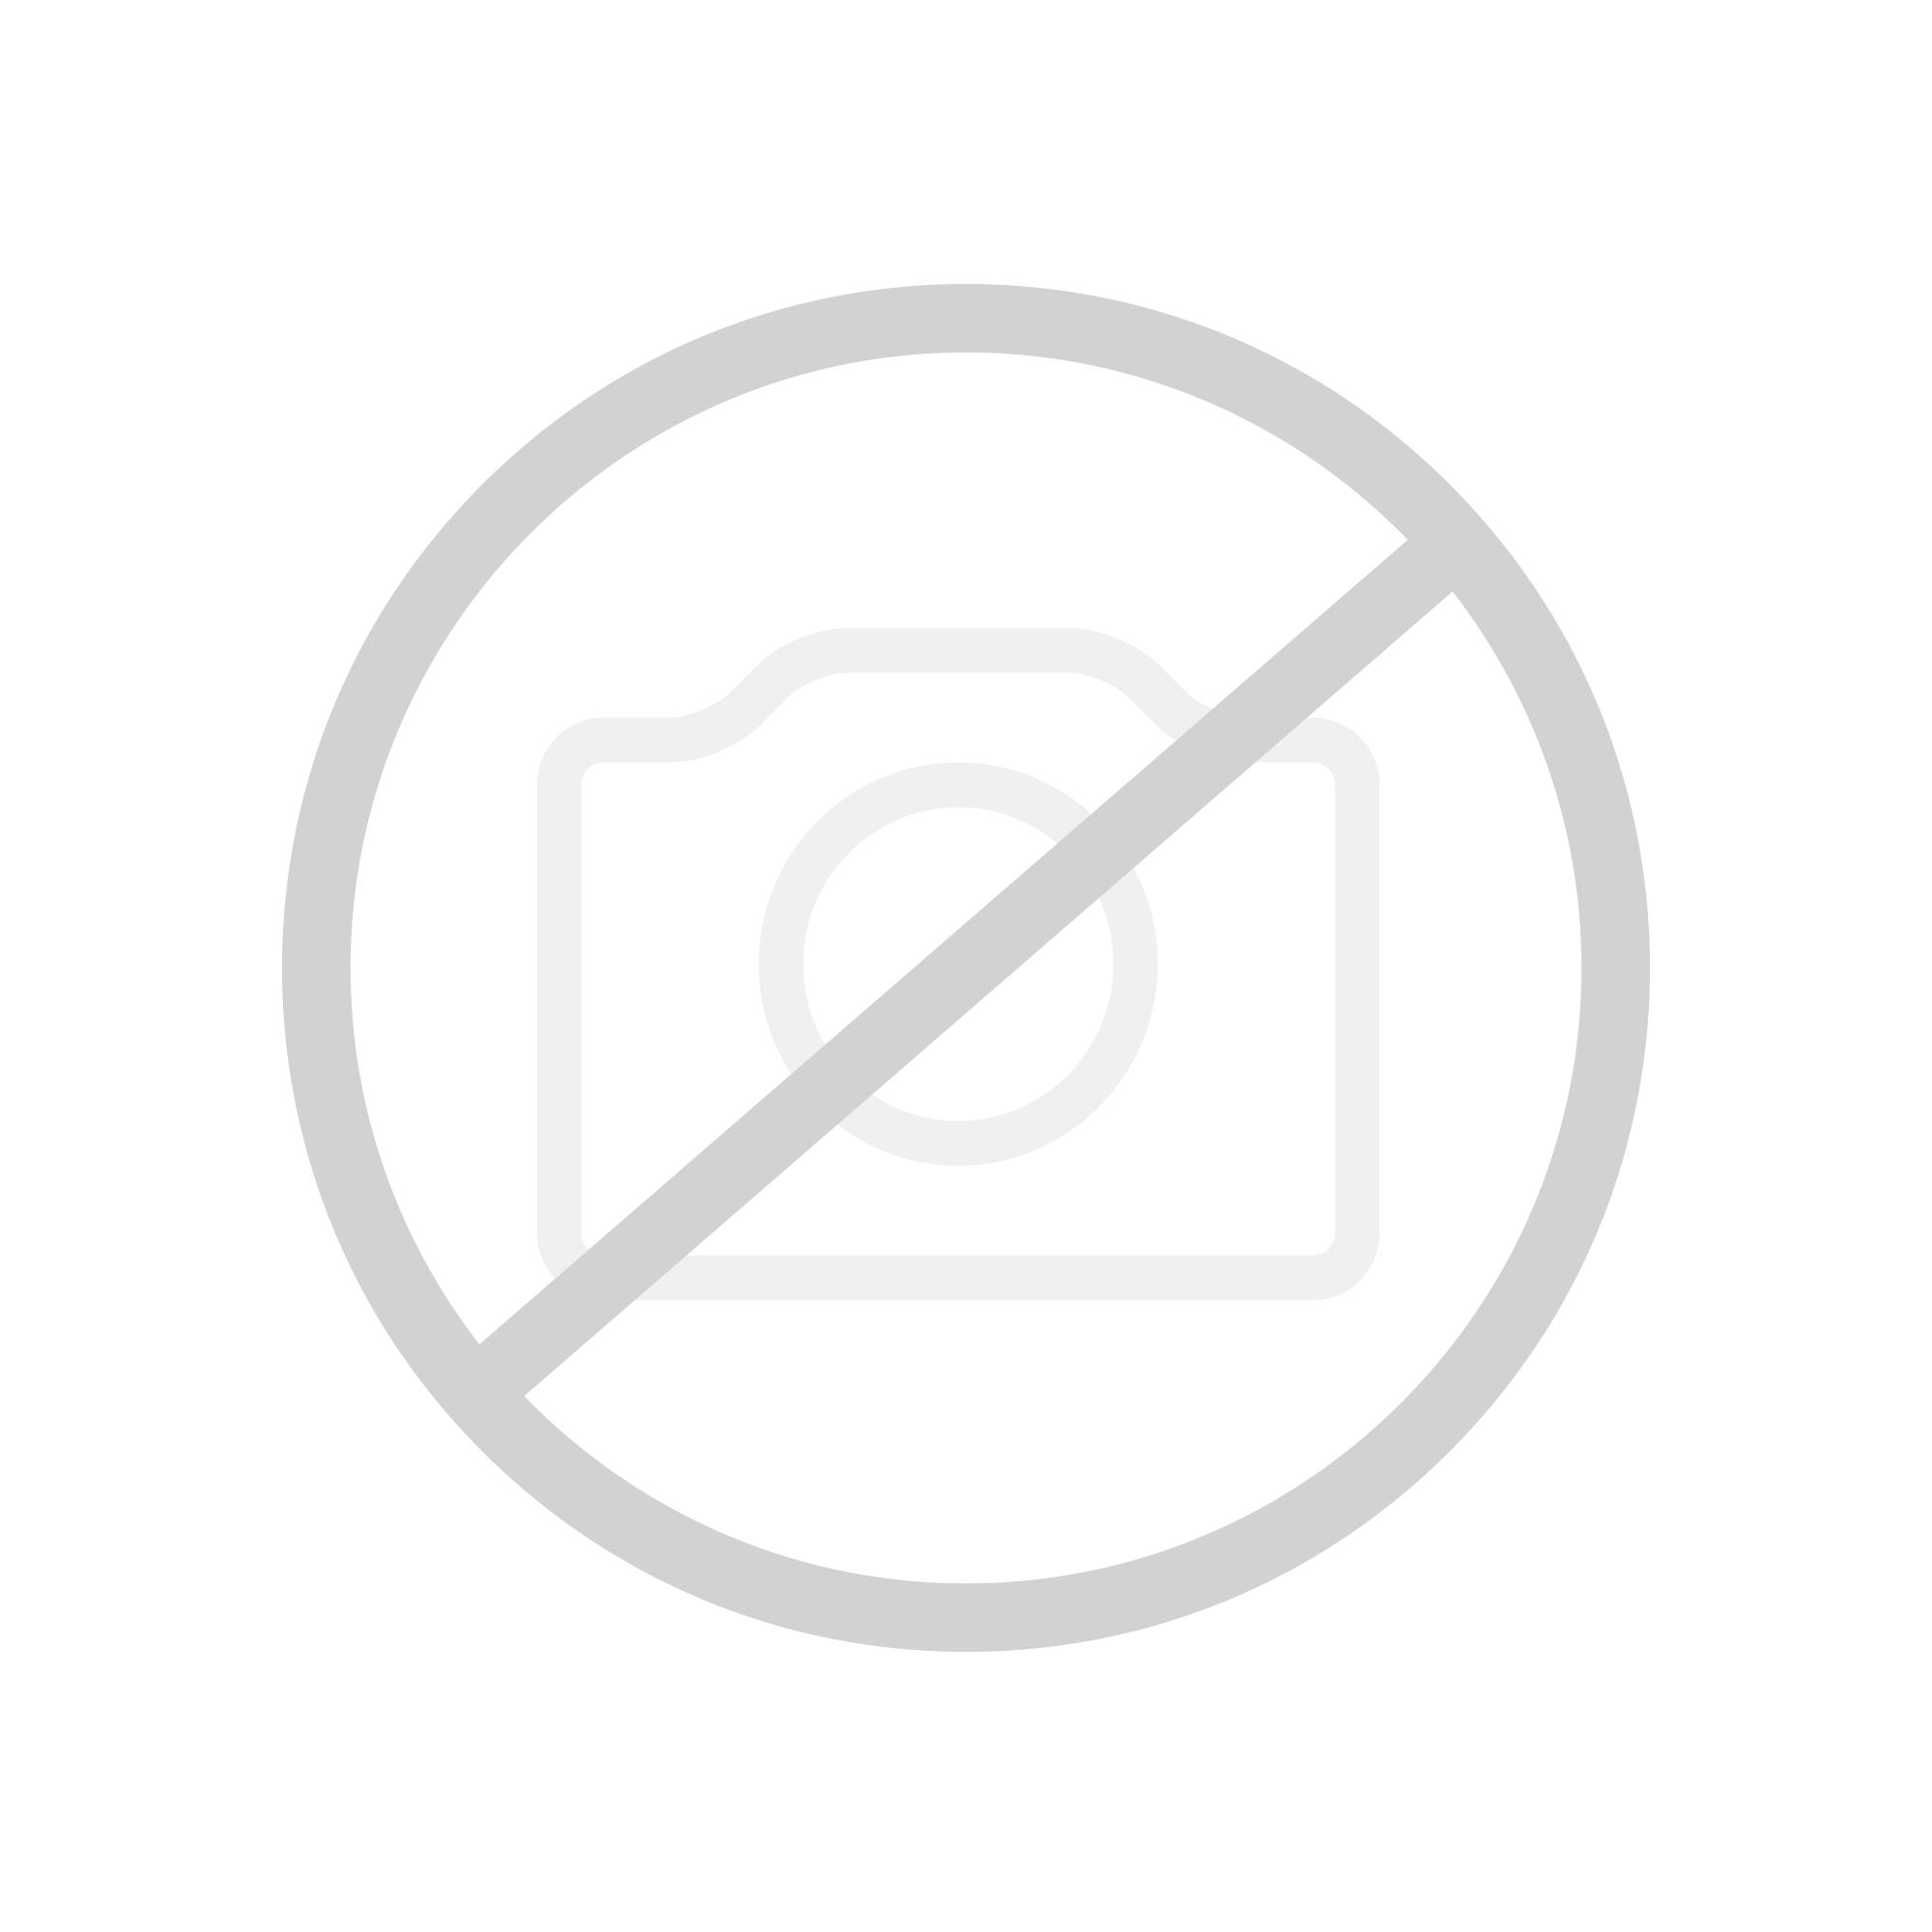 Artiqua Selection 313 Hochschrank mit 2 Türen Front anthrazit hochglanz / Korpus anthrazit glanz